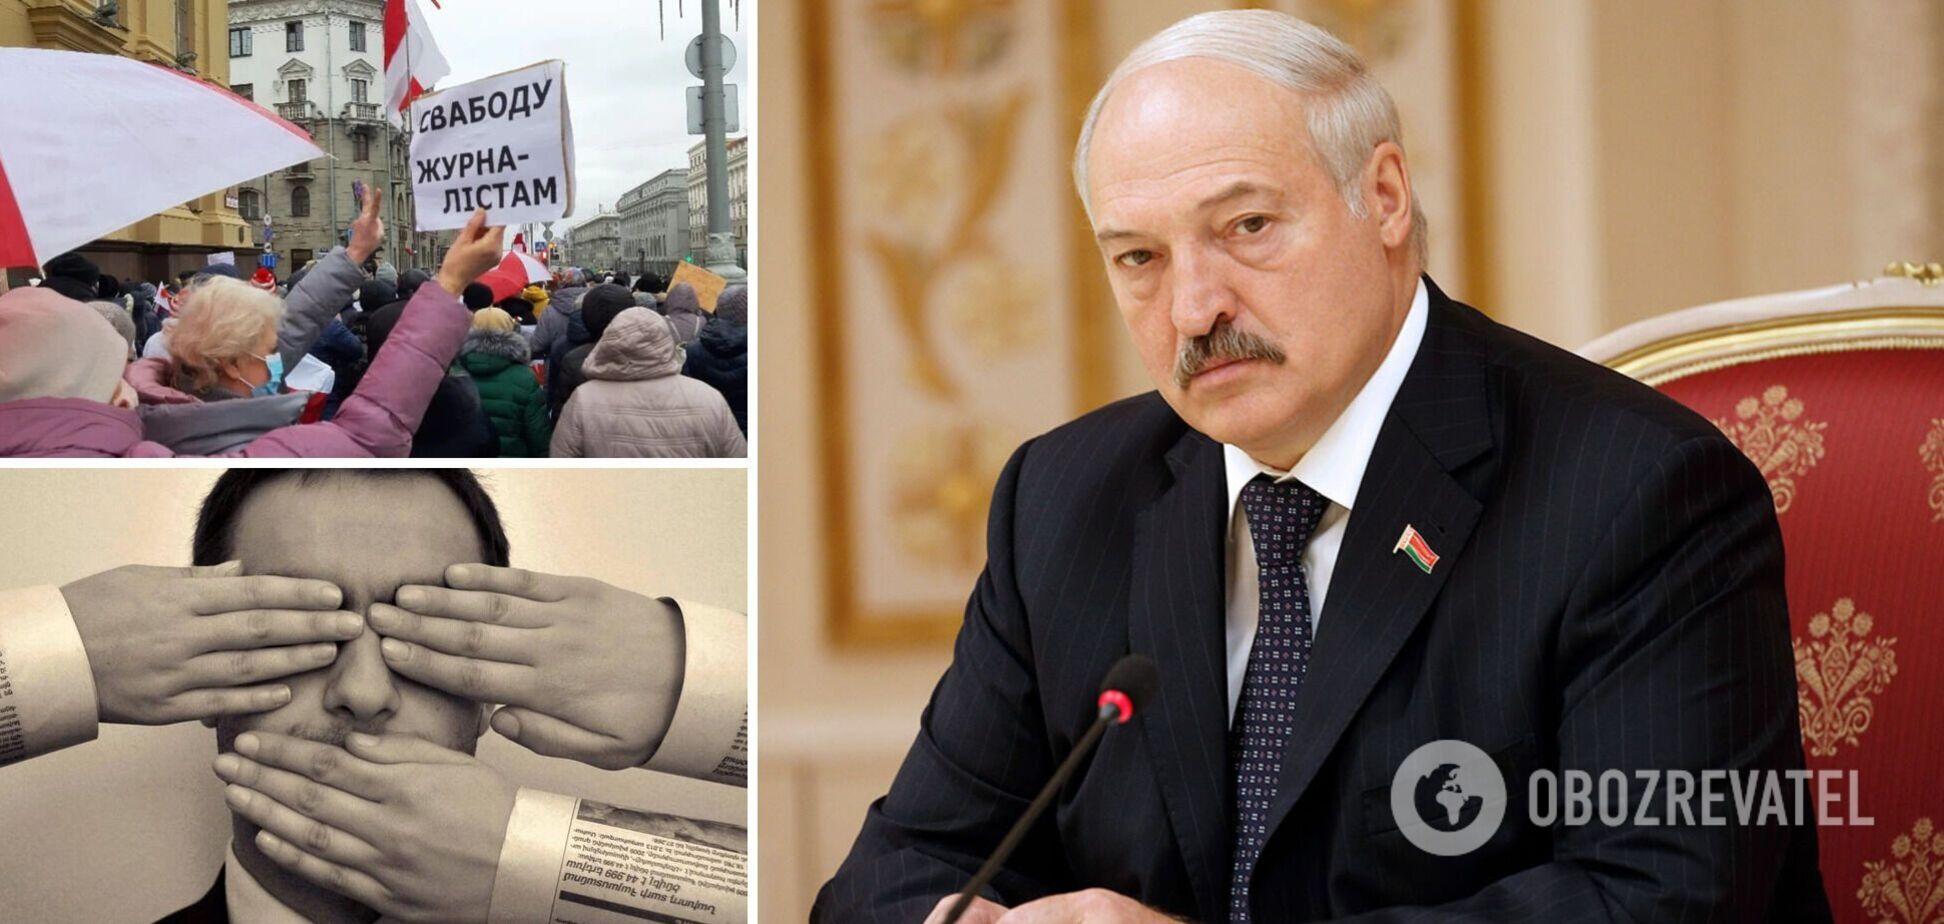 Лукашенко обмежив свободу ЗМІ у Білорусі